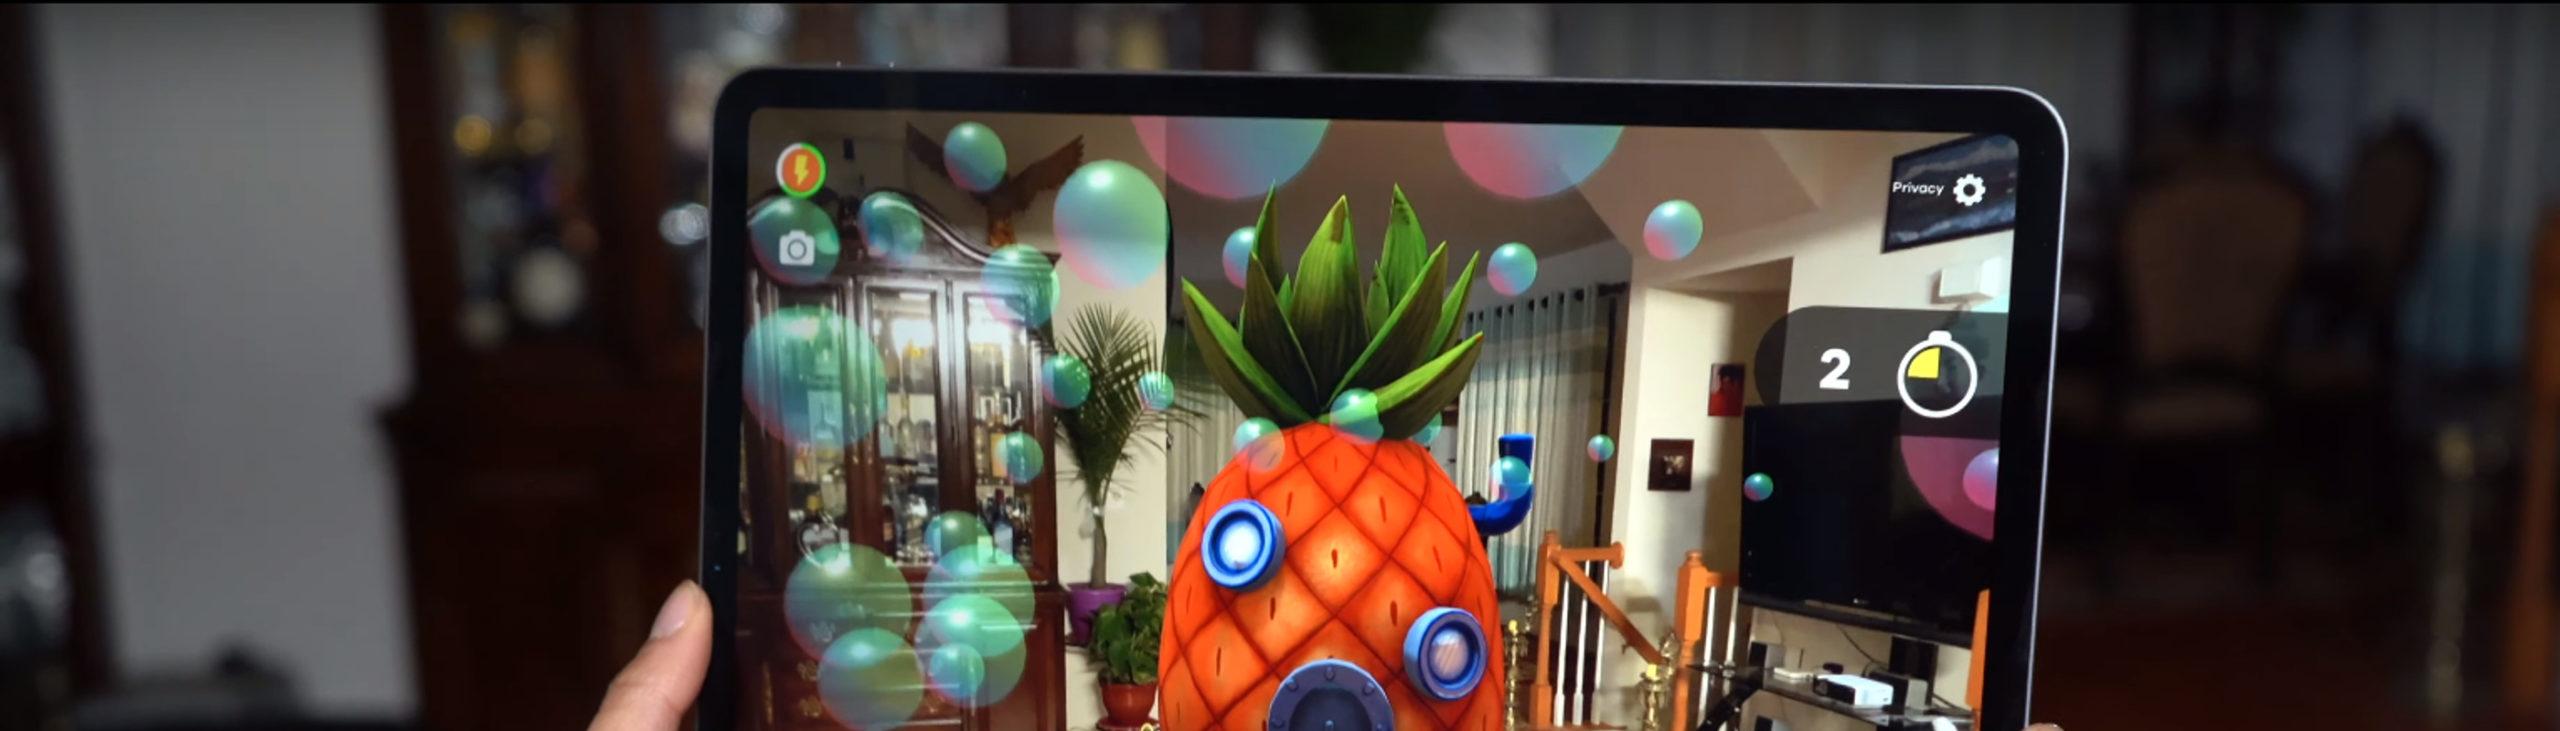 Juegos de realidad aumentada Iphone   1